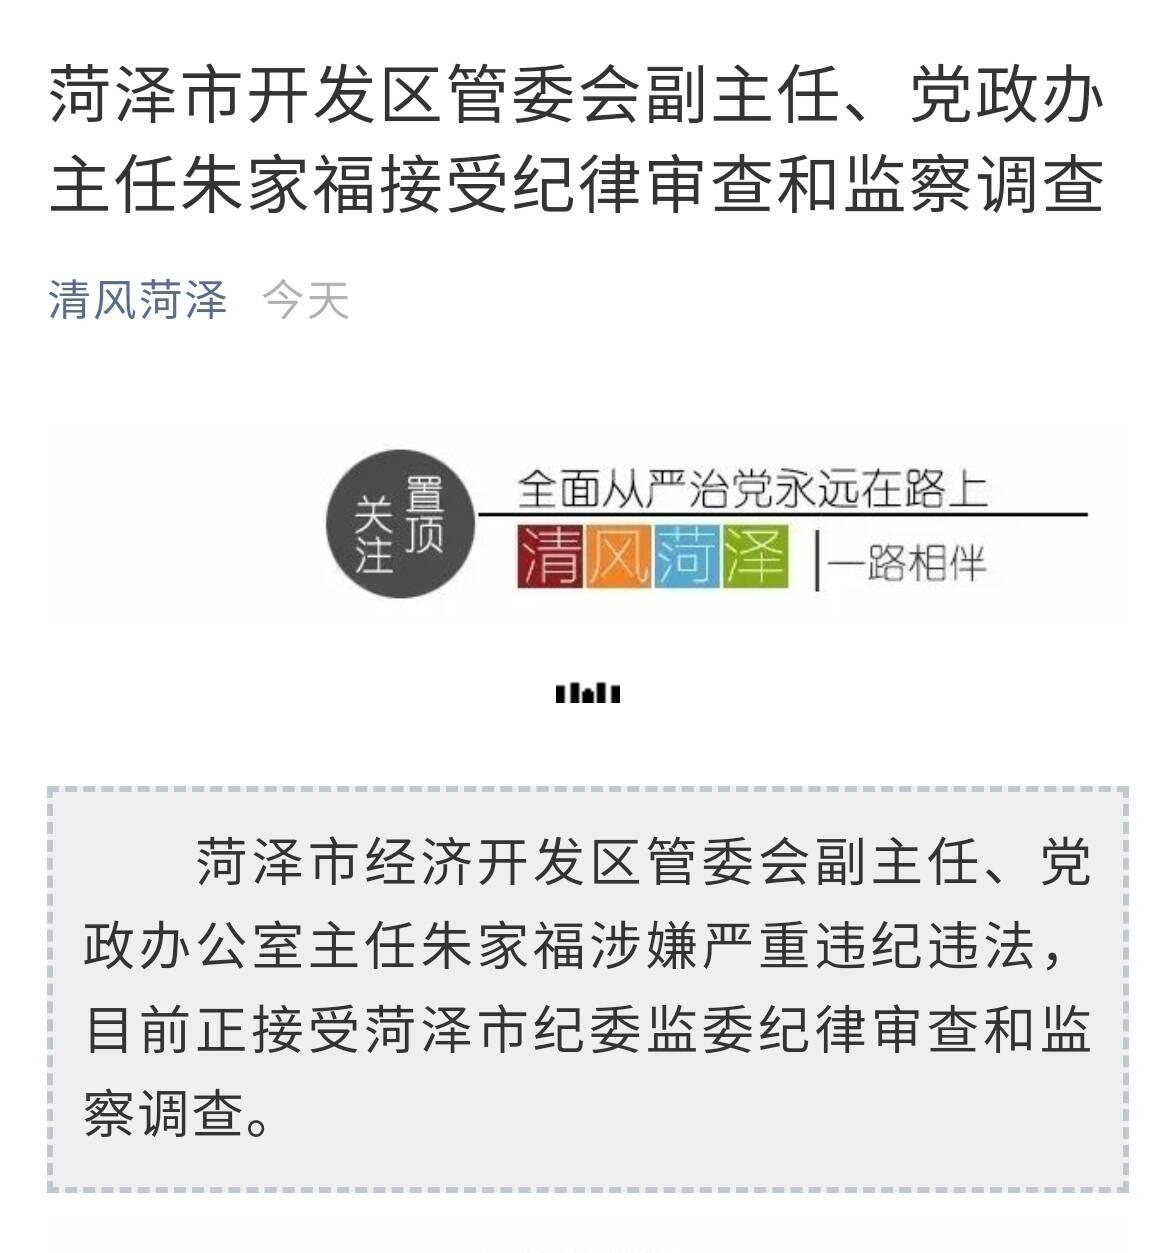 菏泽市开发区管委会副主任、党政办主任朱家福接受纪律审查和监察调查